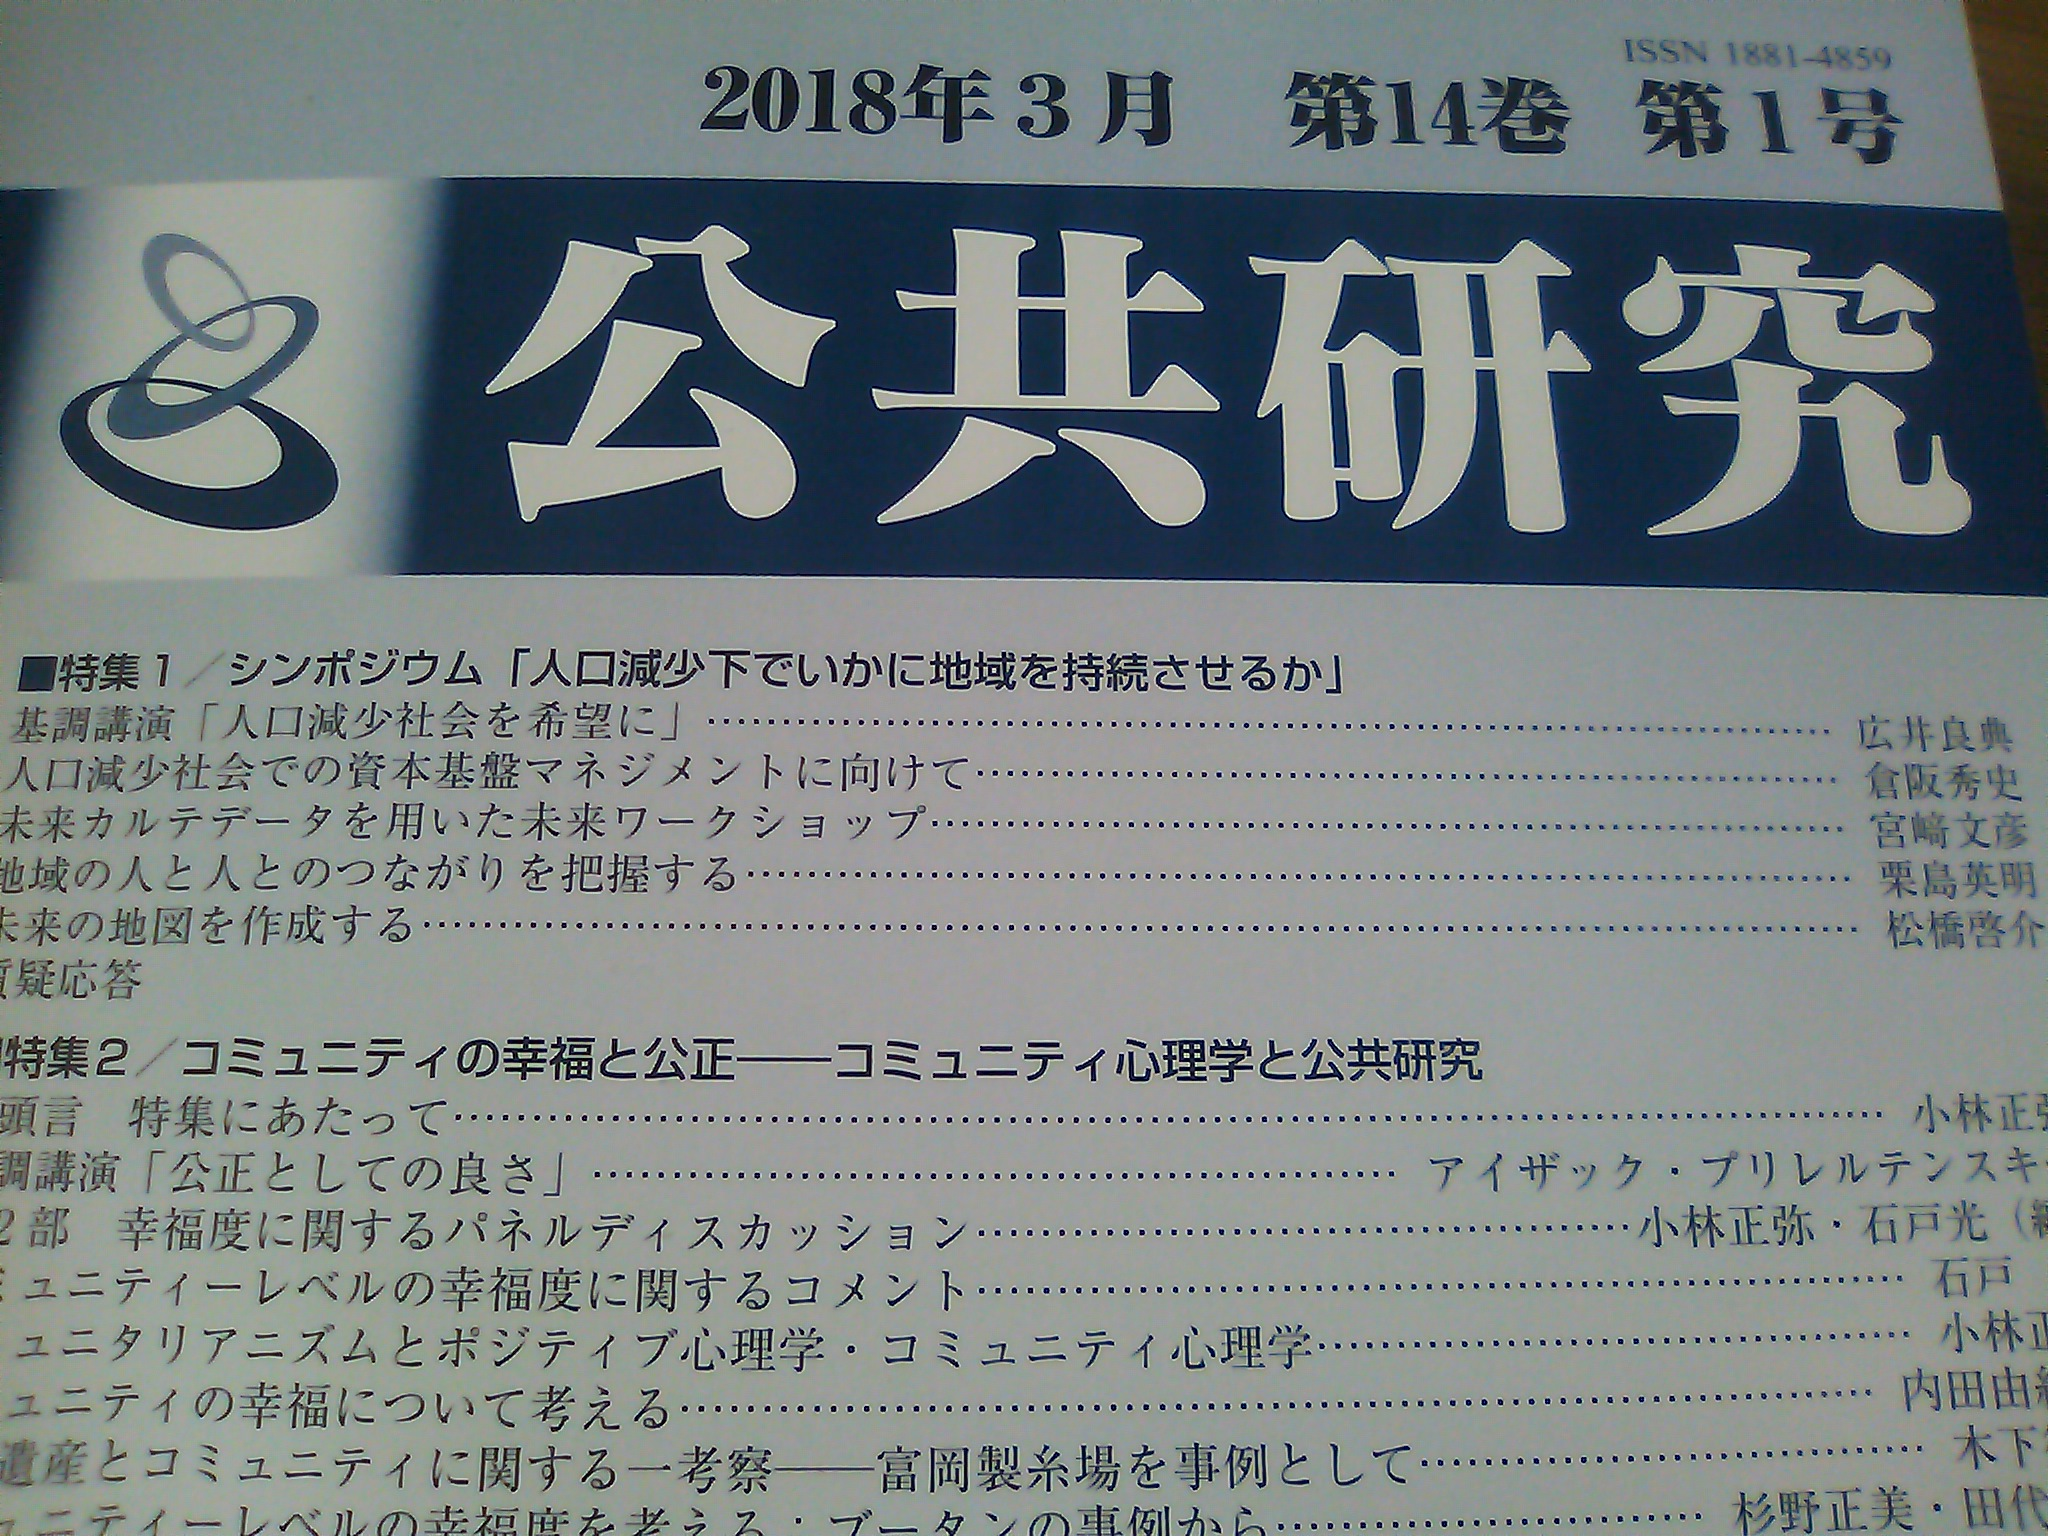 『公共研究』第14巻第1号